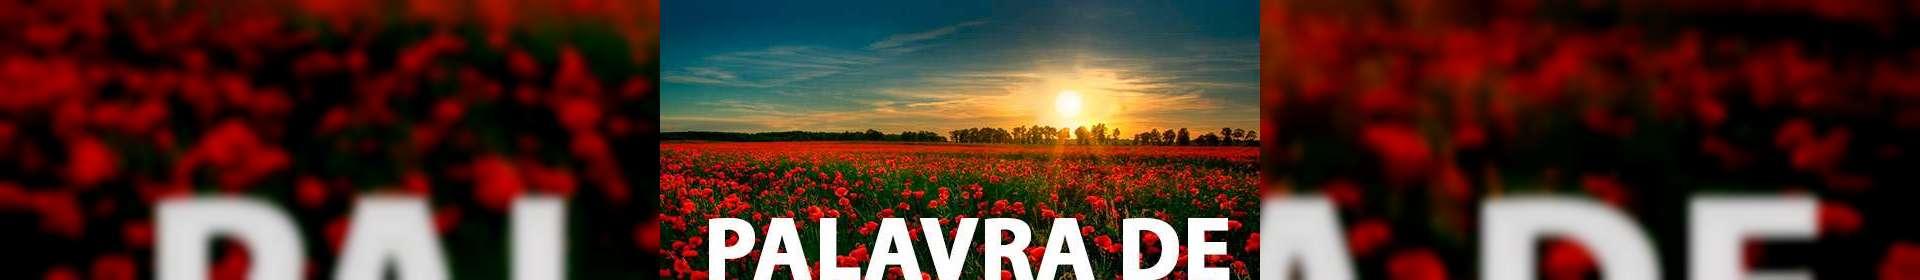 Salmos 34:6,7 - Uma Palavra de Esperança para sua vida